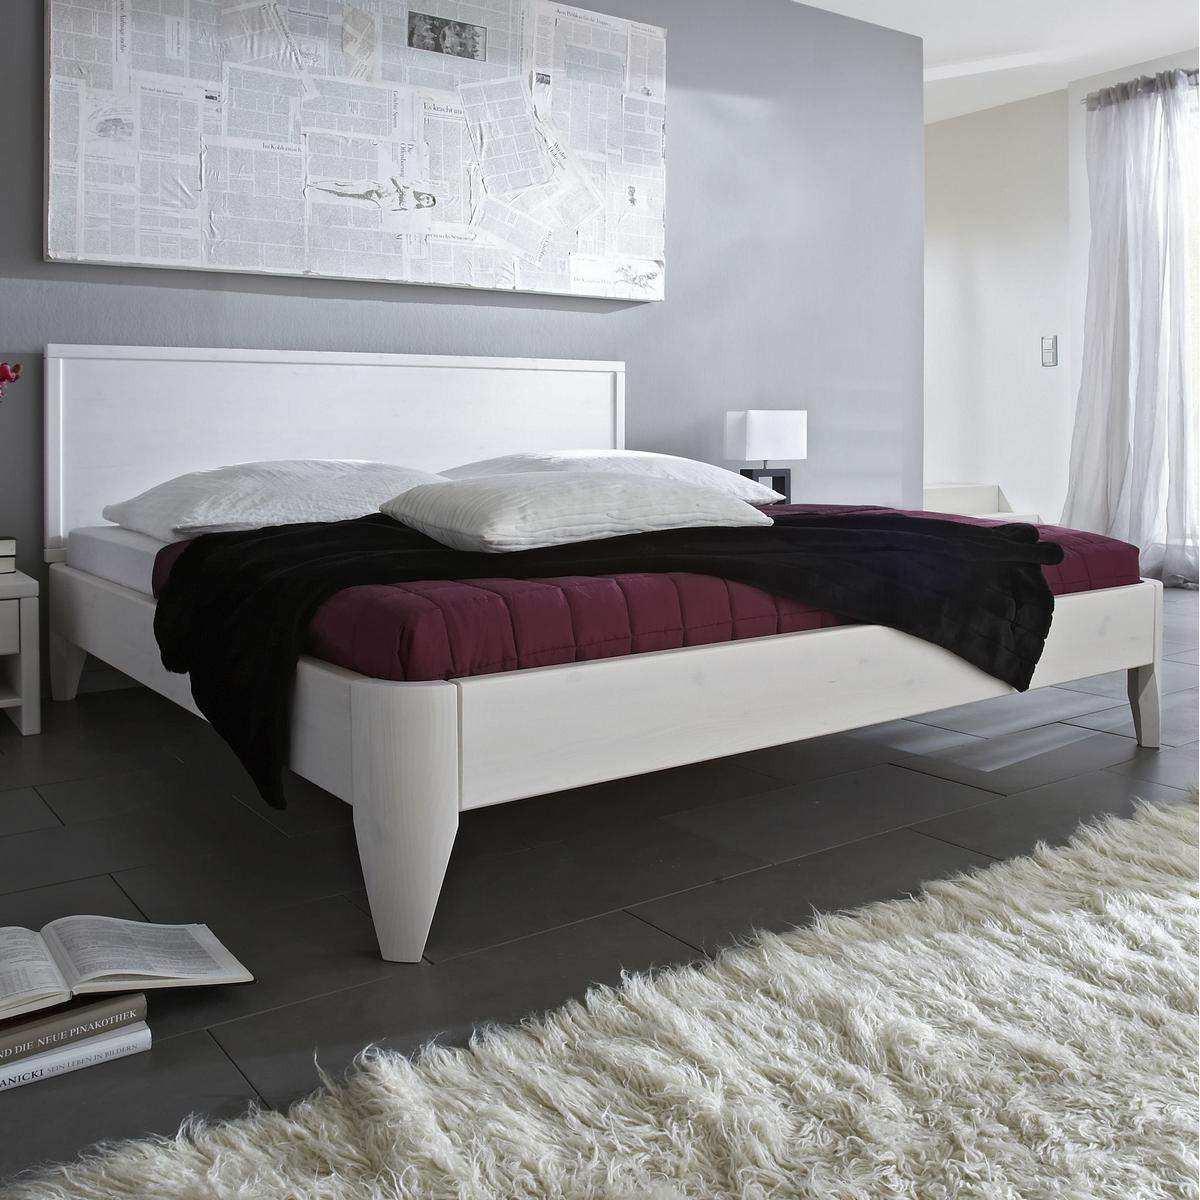 Full Size of Schrankbett Ikea 41 R1 Bett 180x200 Fhrung Küche Kosten Sofa Mit Schlaffunktion Betten 160x200 Bei Miniküche Kaufen Modulküche Wohnzimmer Schrankbett Ikea